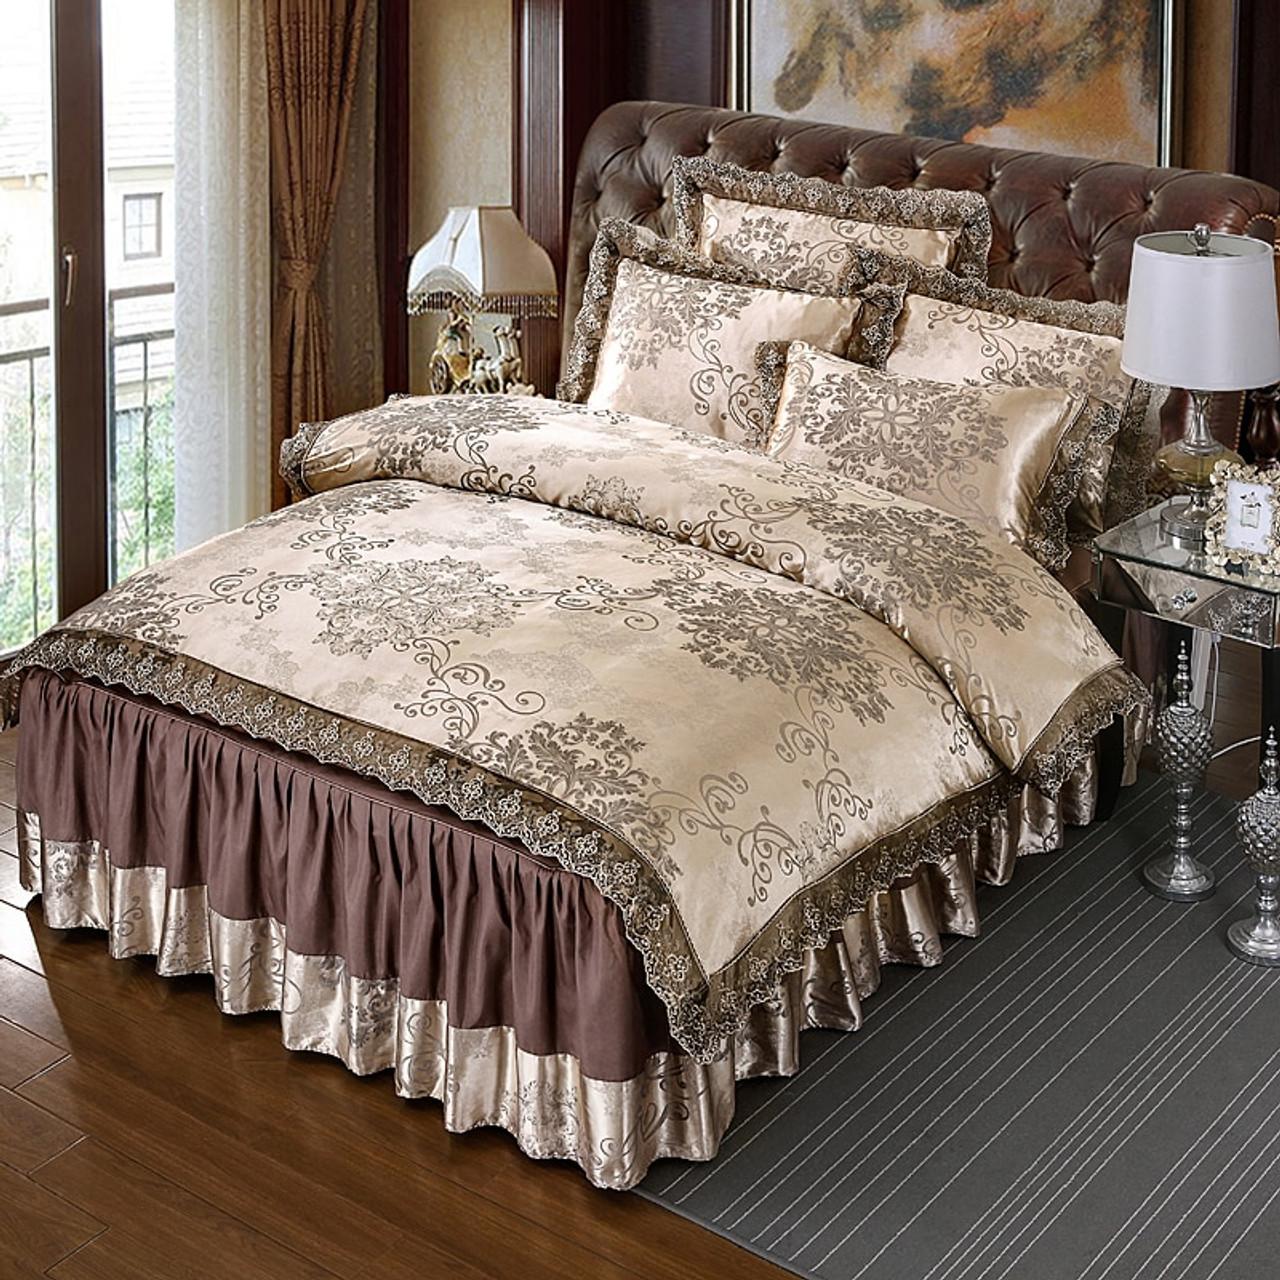 4pcs Satin Jacquard Luxury Lace Bedding Sets Queen King Size Duvet